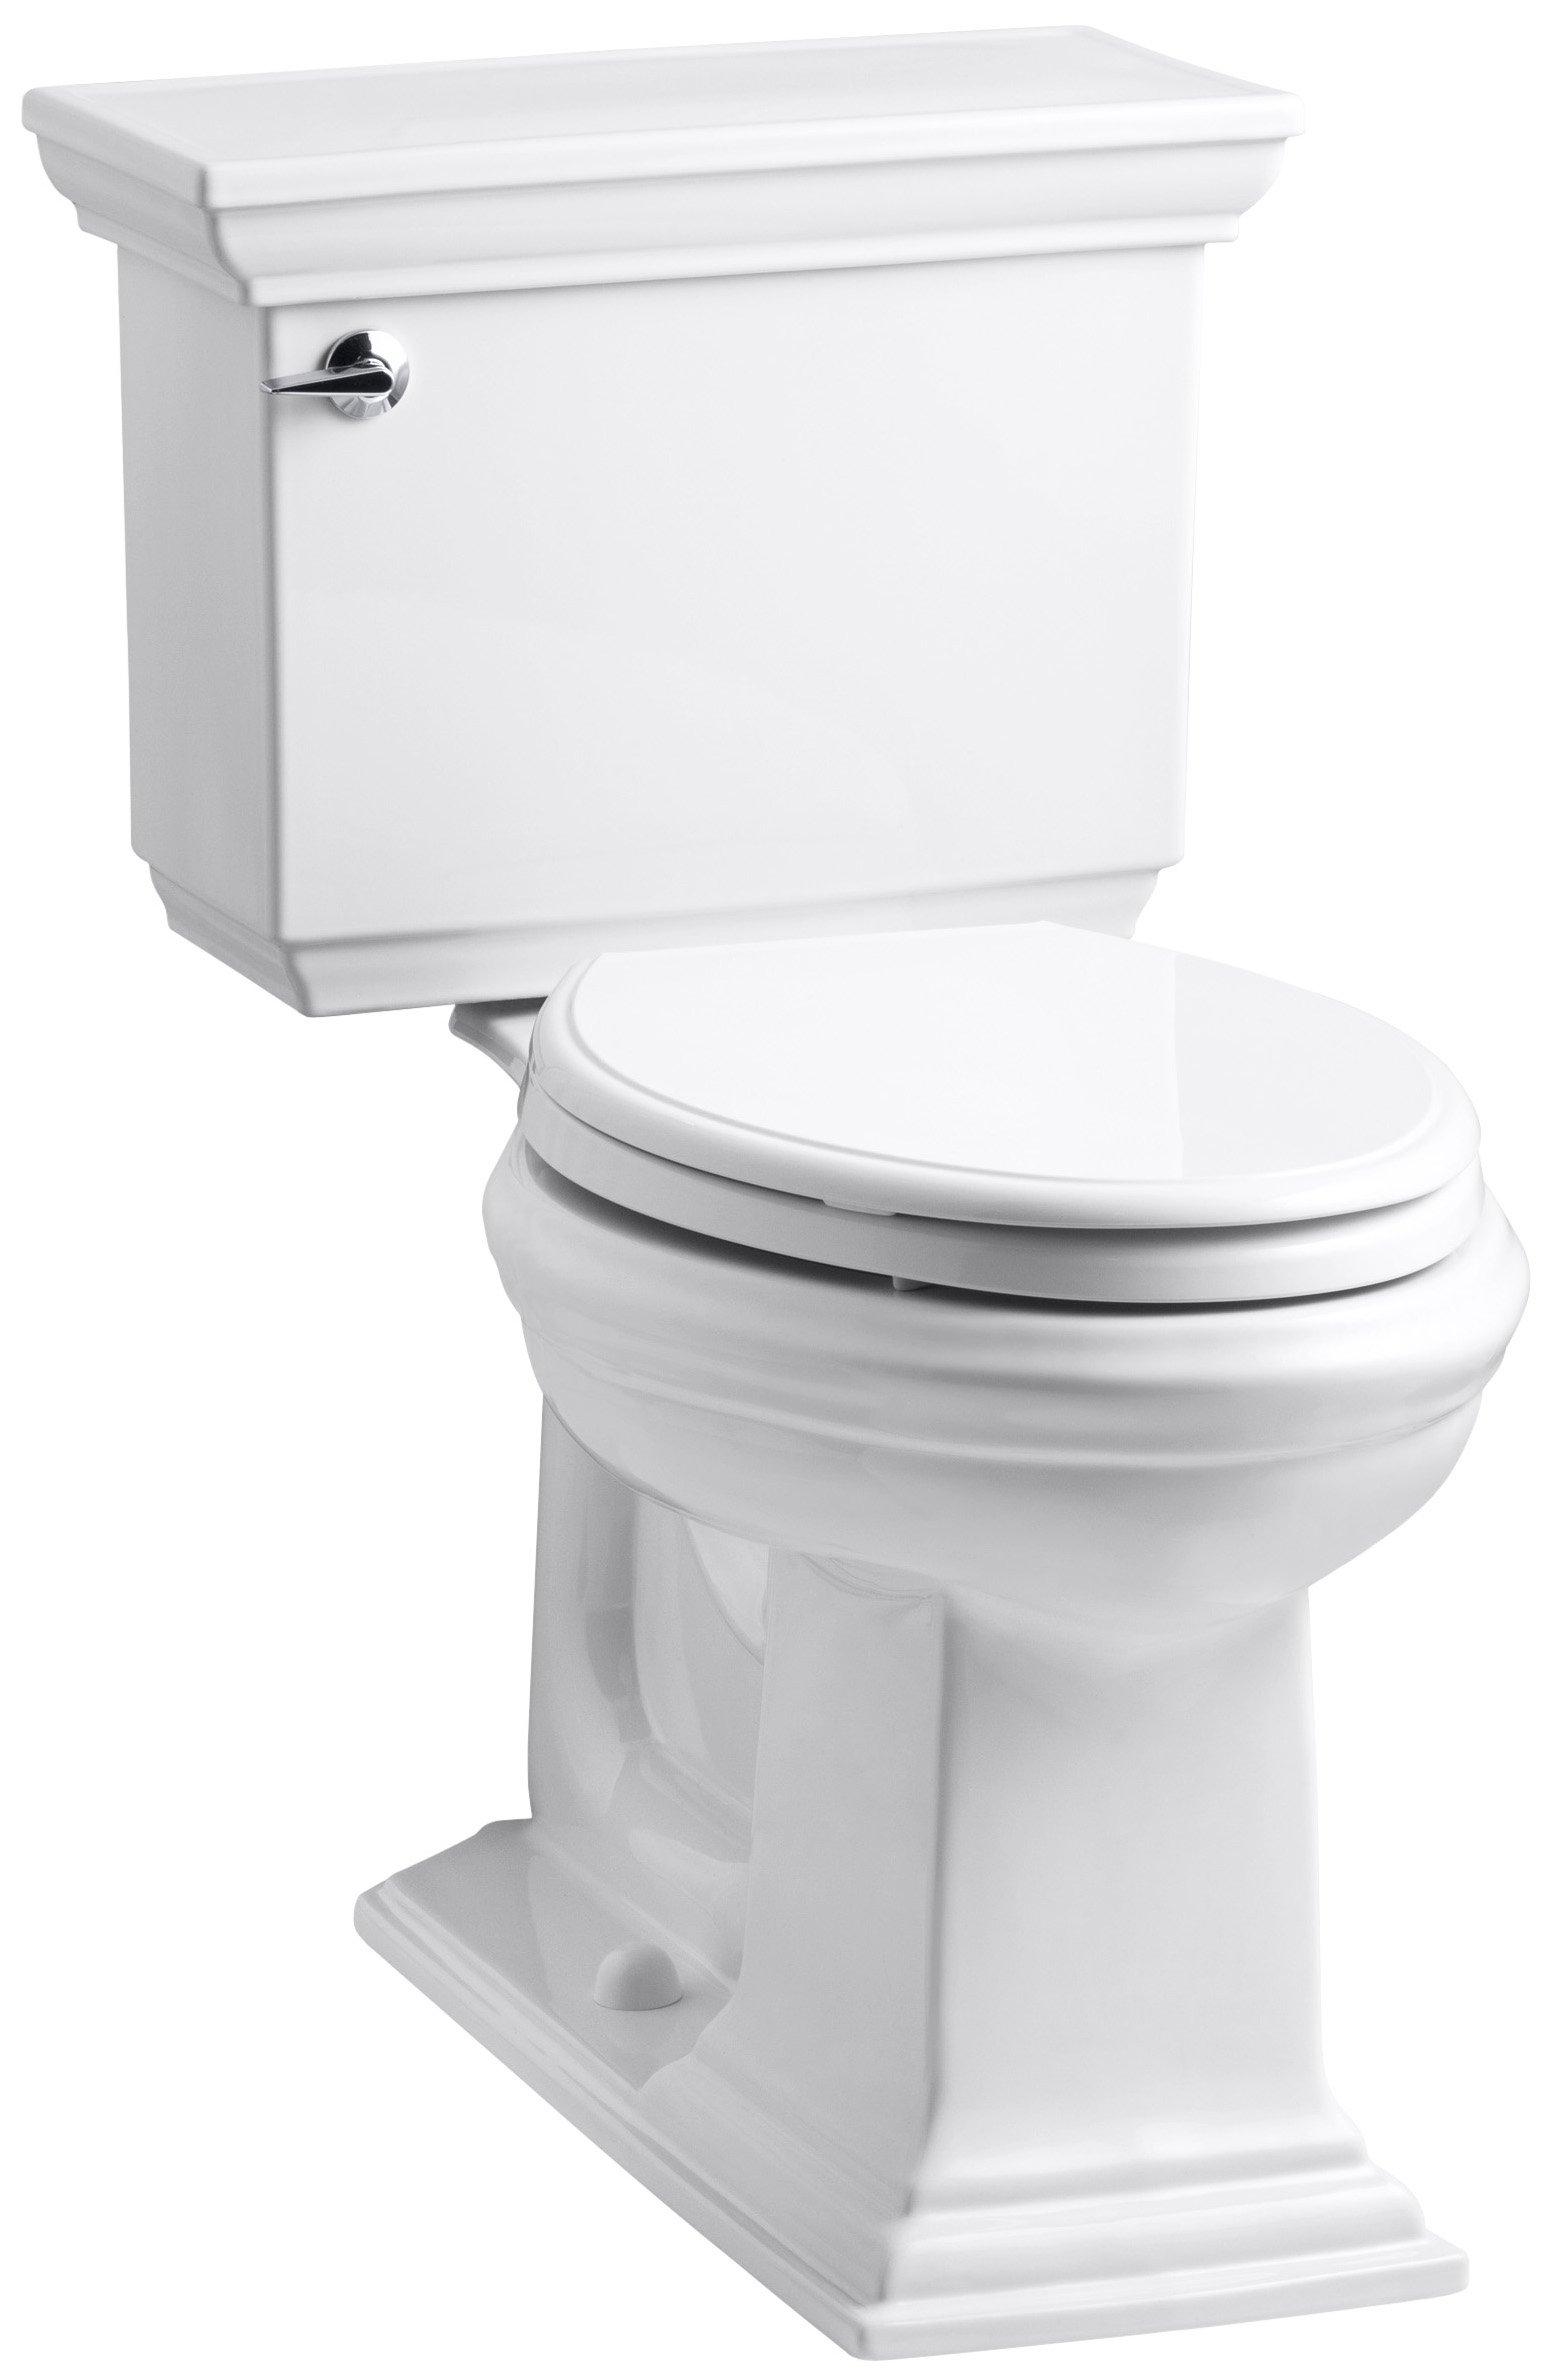 Kohler K-3819-0 Toilet, White by Kohler